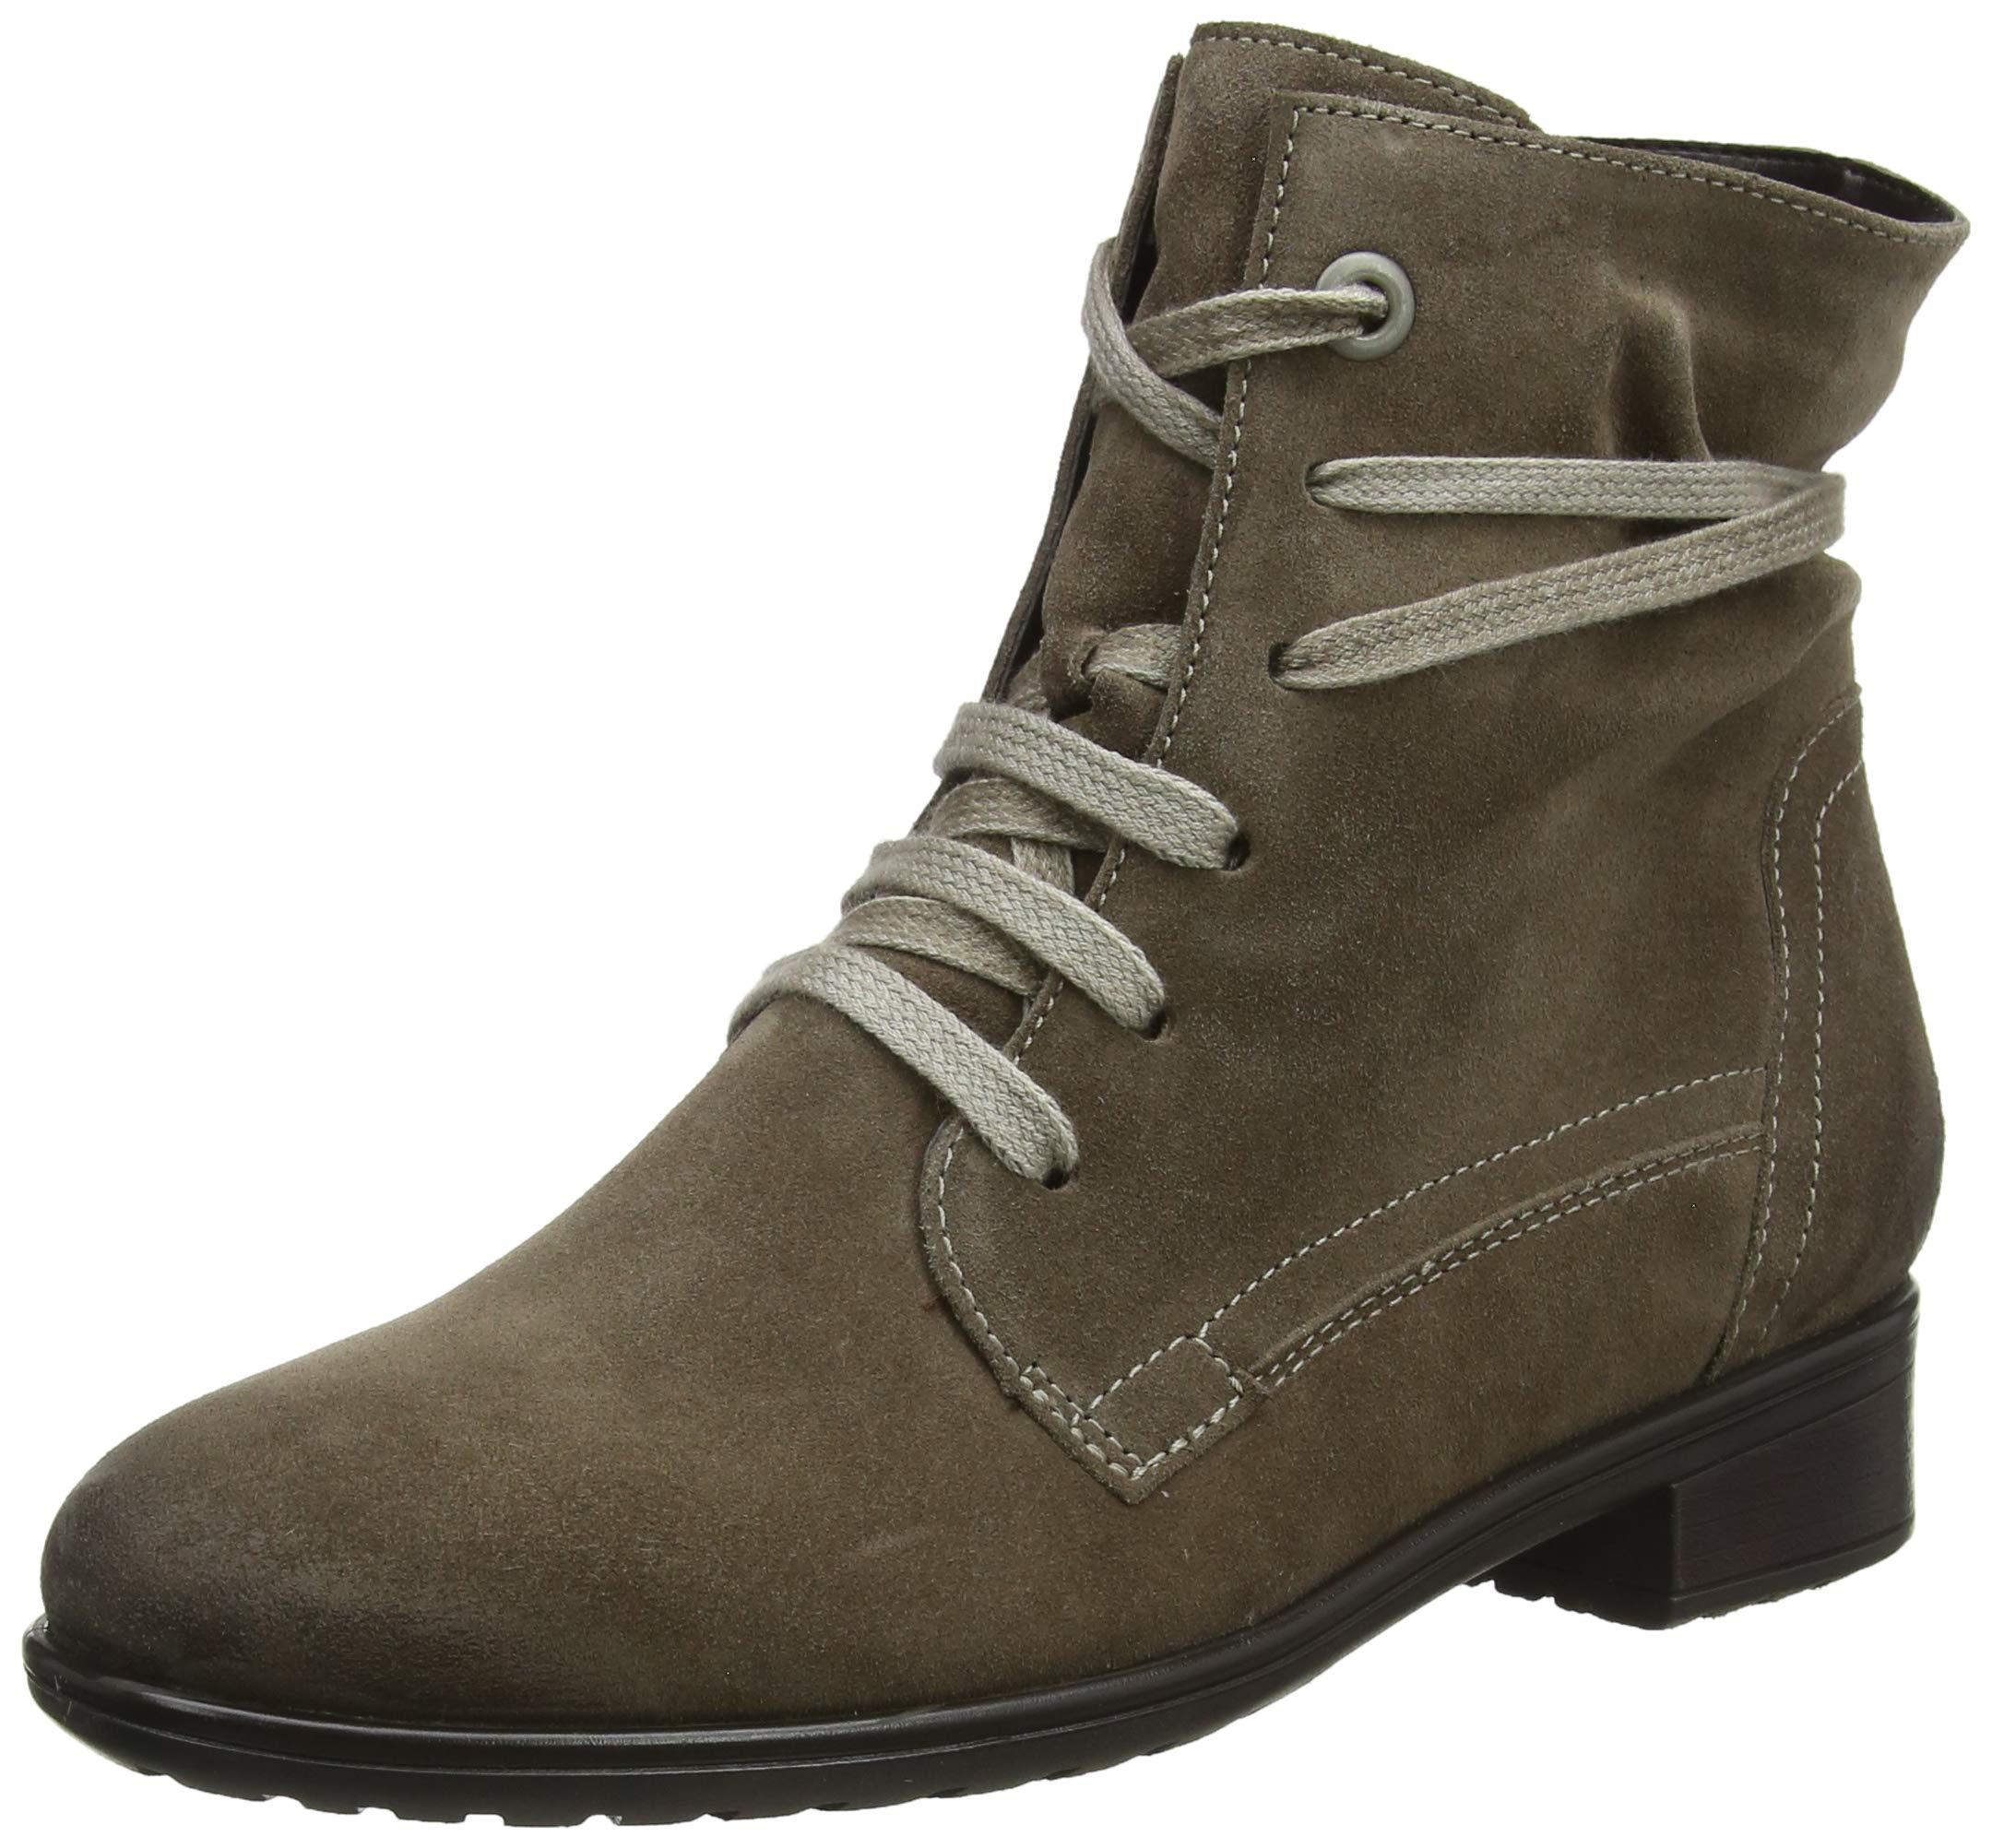 Boots Ara FemmeMarronteak Eu 6838 LiverpoolDesert 29WEHYDI